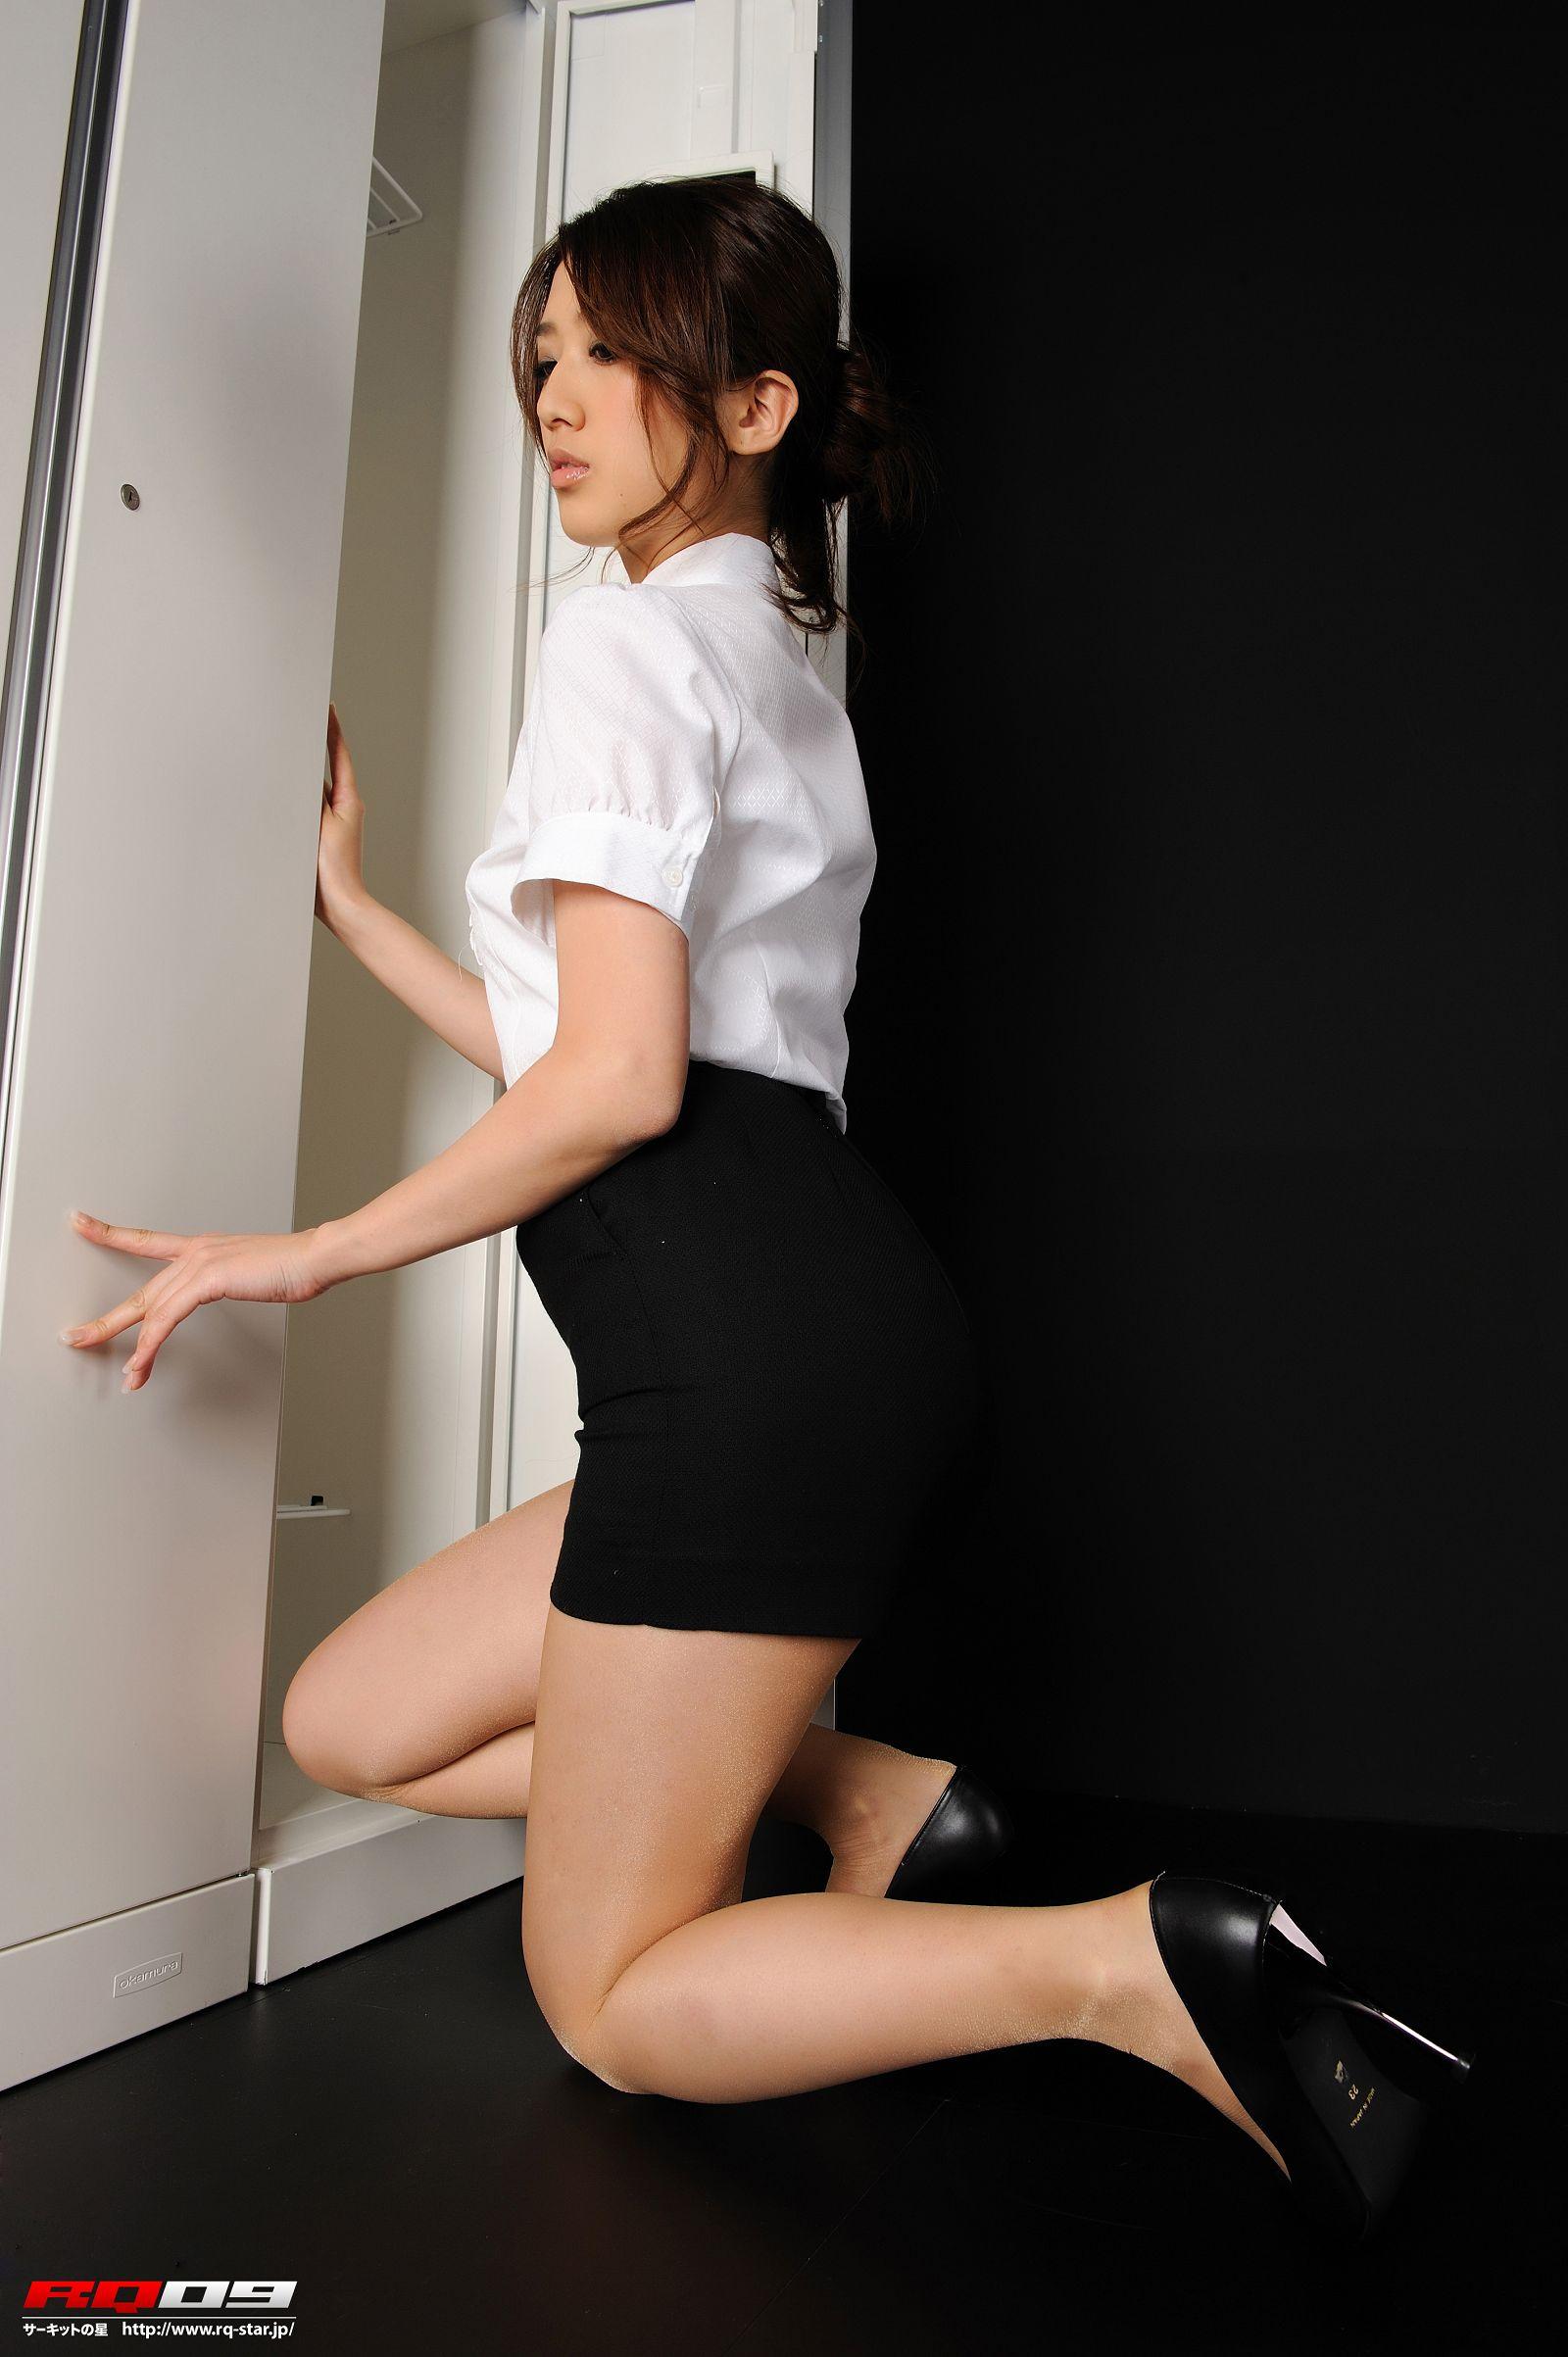 [RQ STAR美女] NO.0233 Yuuka Sugisawa 杉澤友香 Office Lady[100P] RQ STAR 第2张